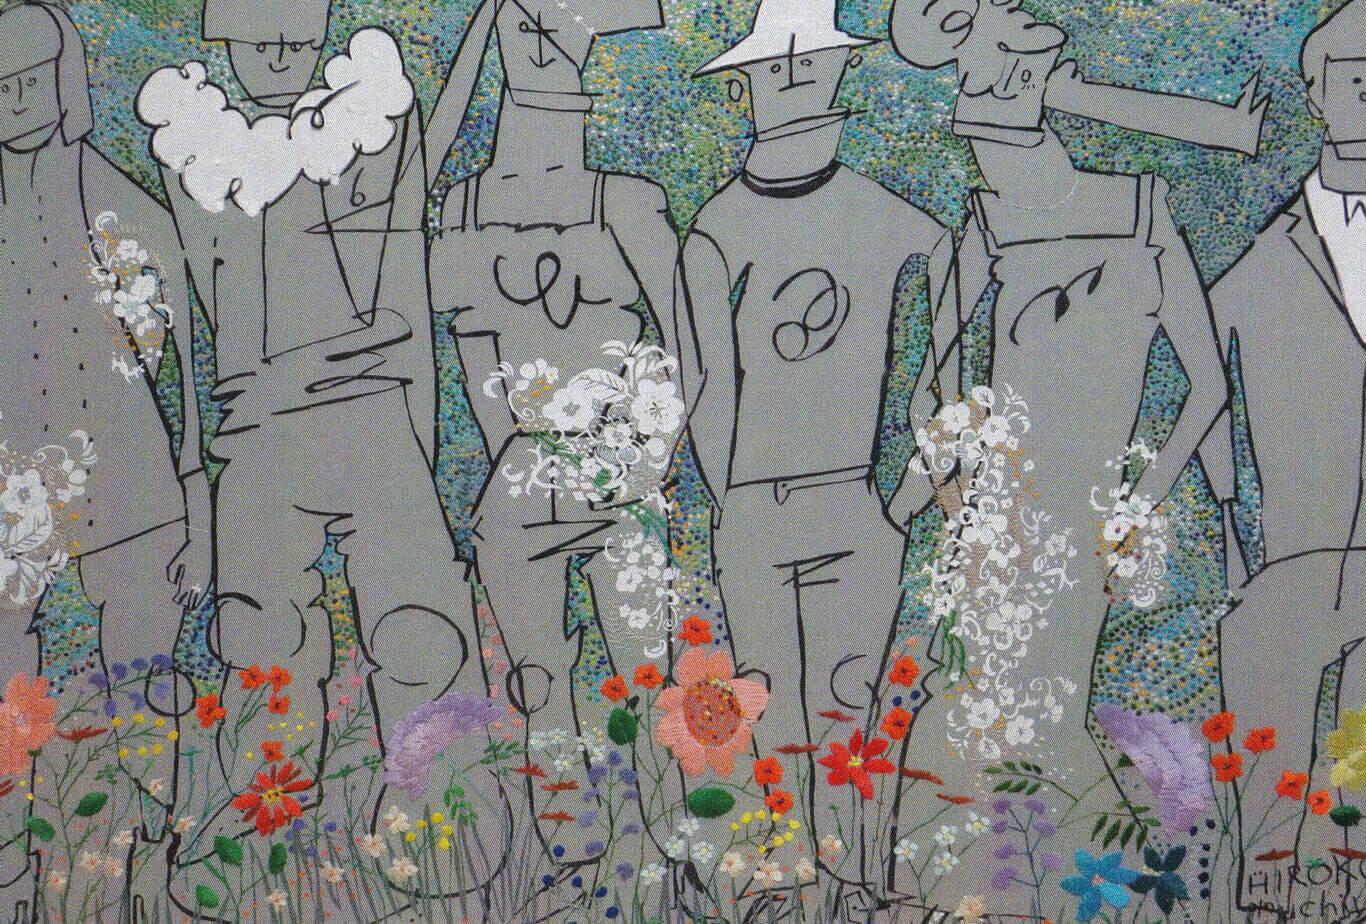 artas-202106-土谷寛子 個展